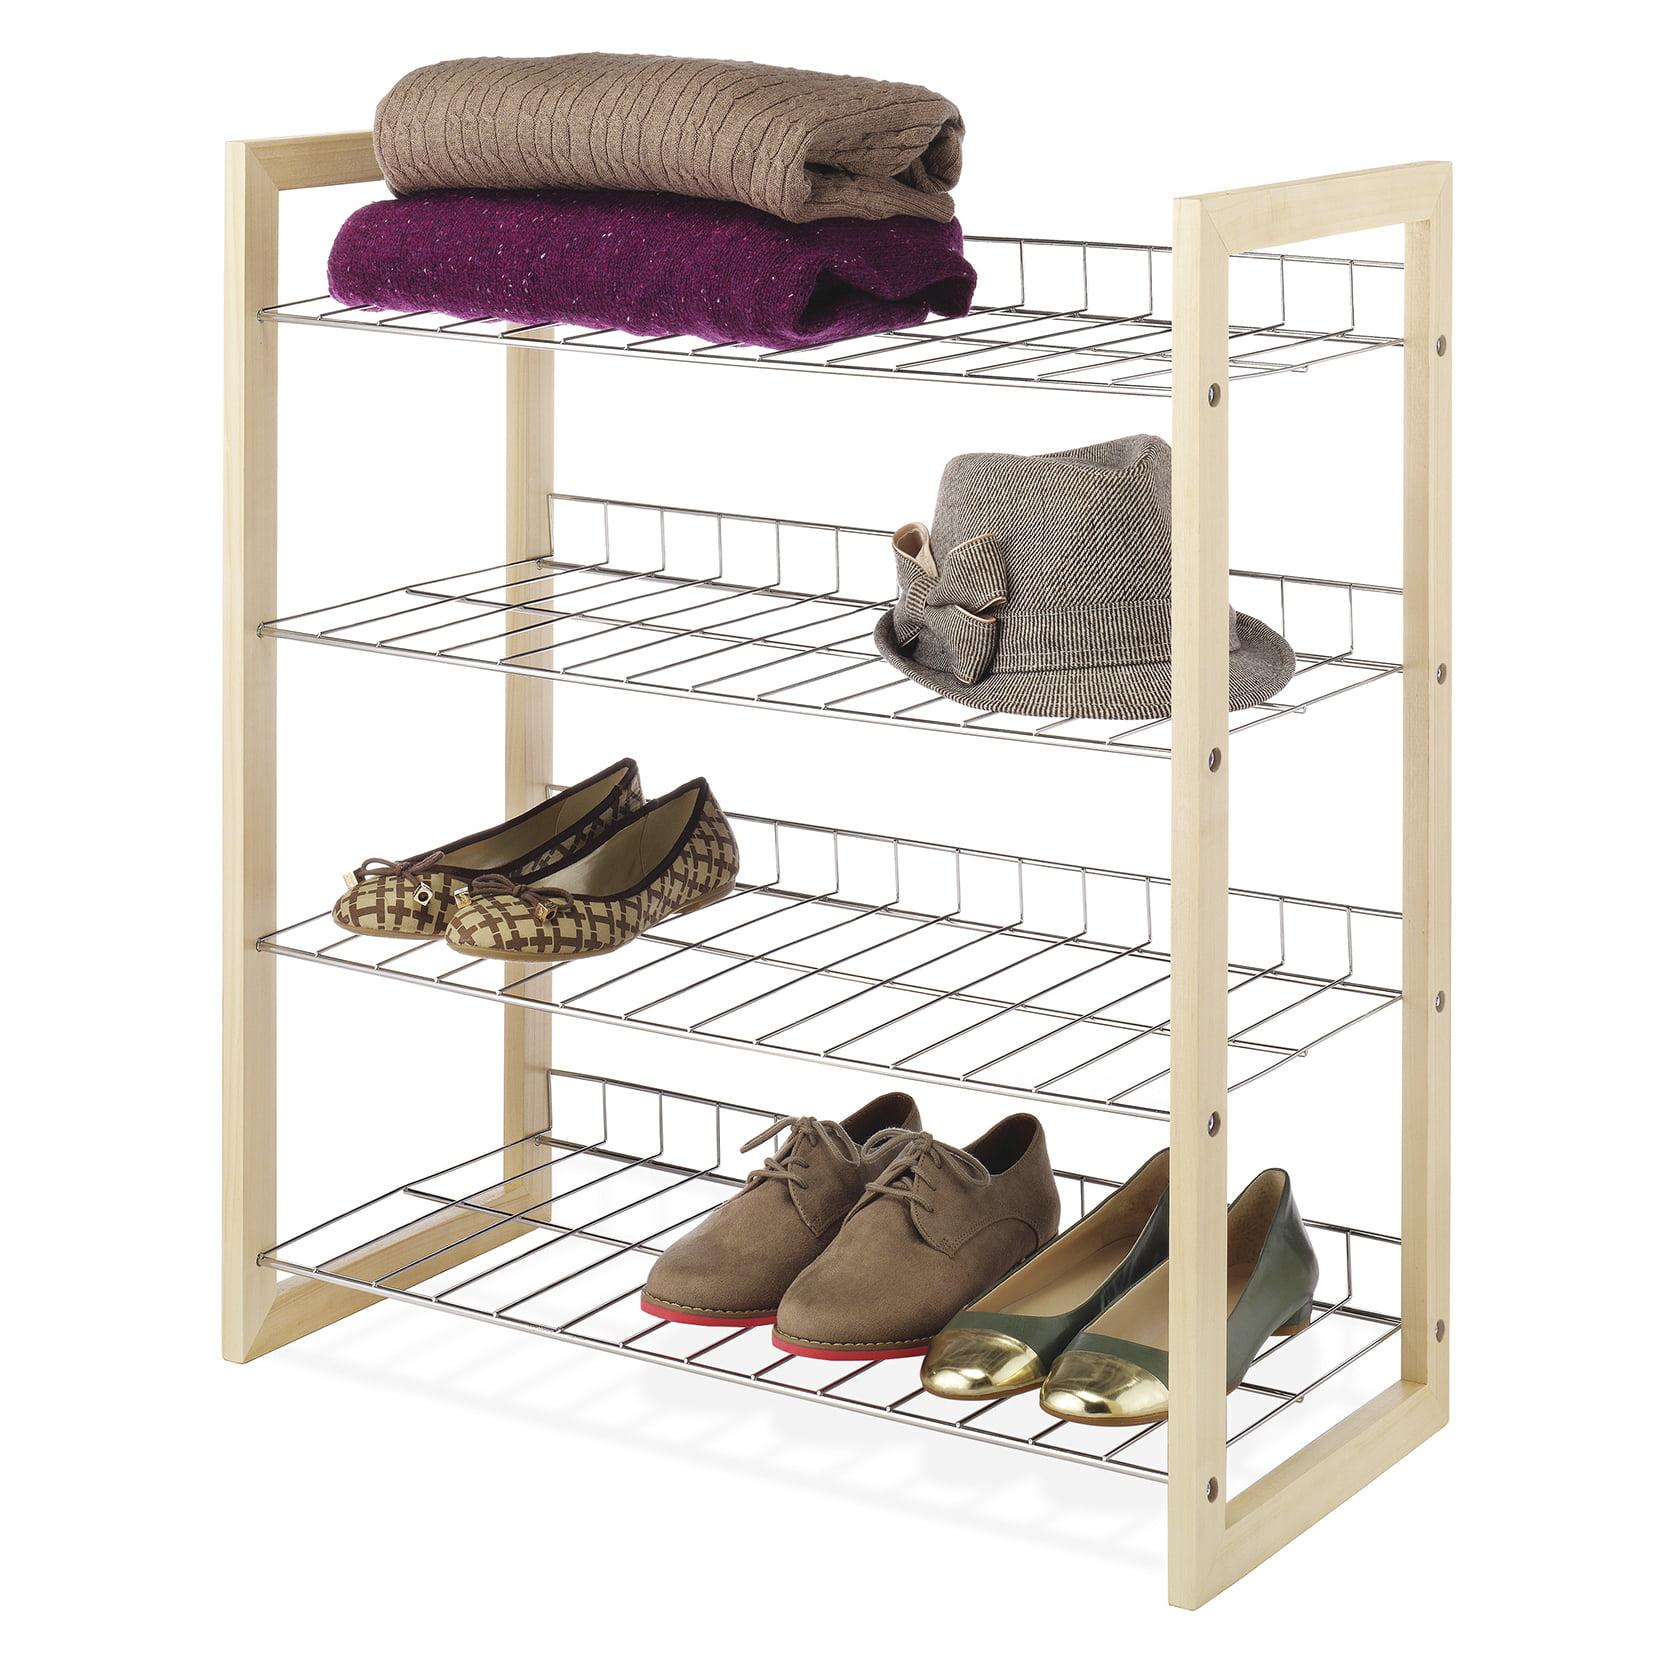 Whitmor 4 Tier Closet Shelf Wood & Chrome